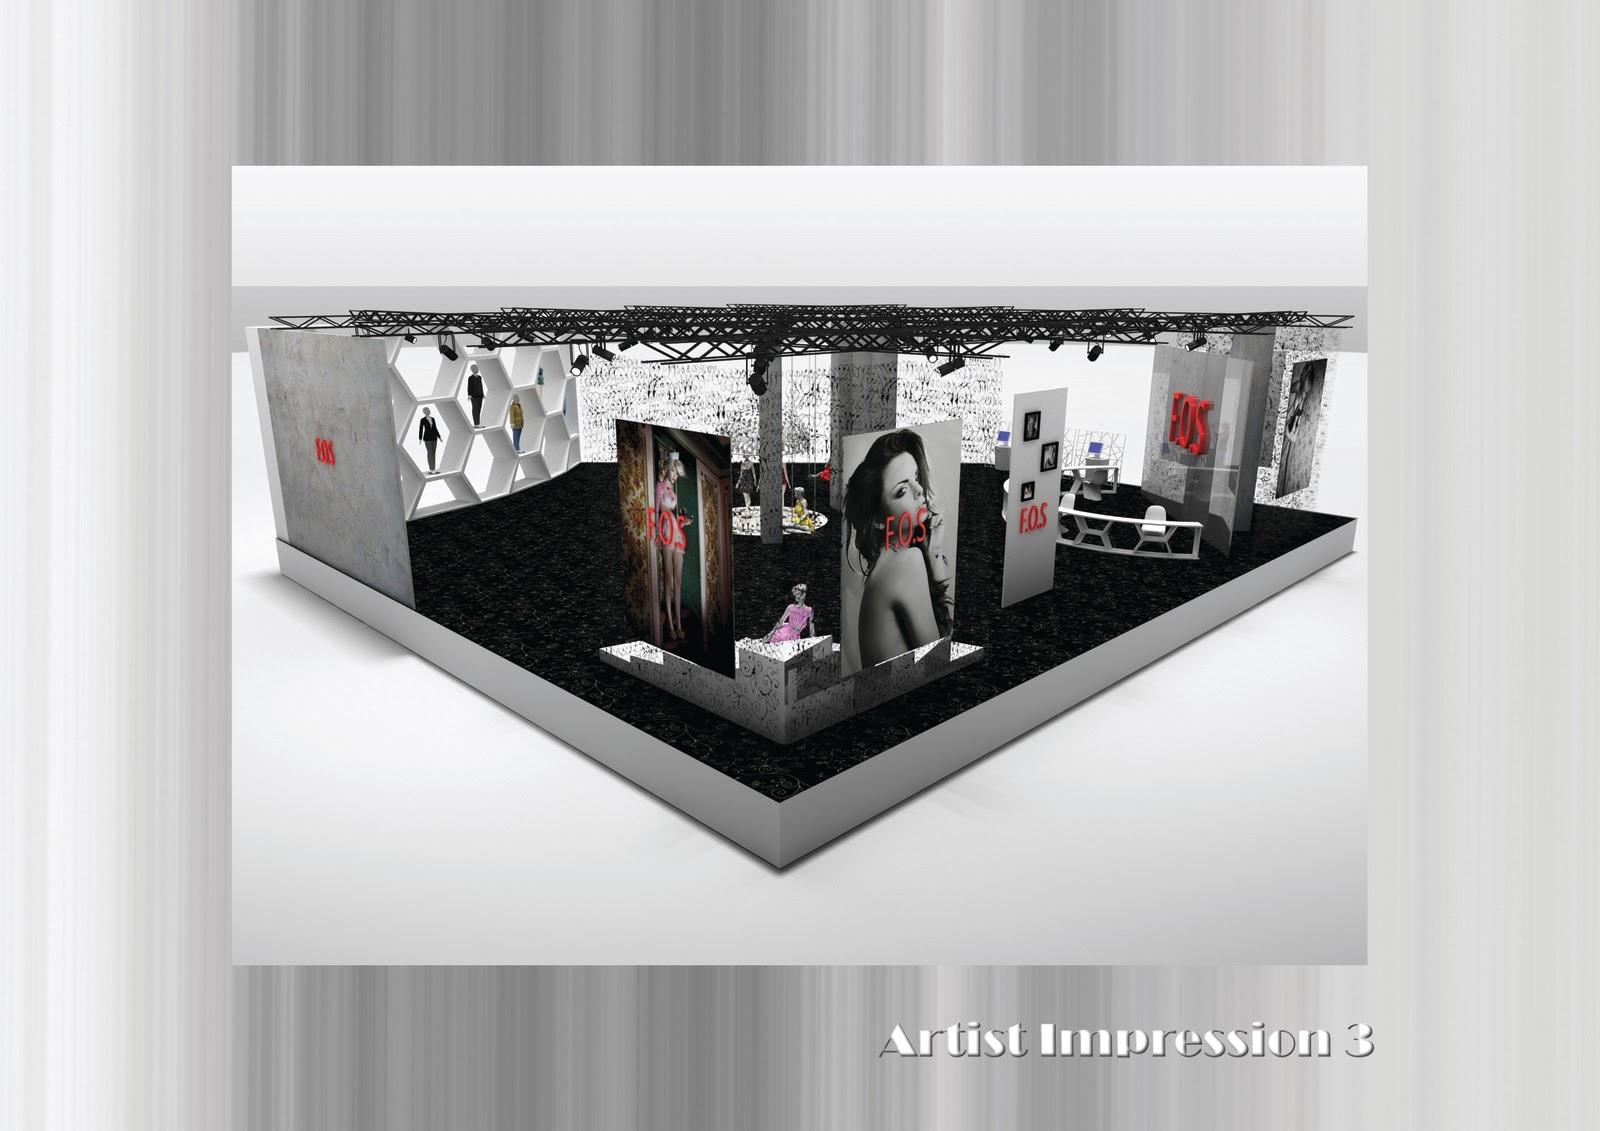 factory outlet store artist impression. Black Bedroom Furniture Sets. Home Design Ideas